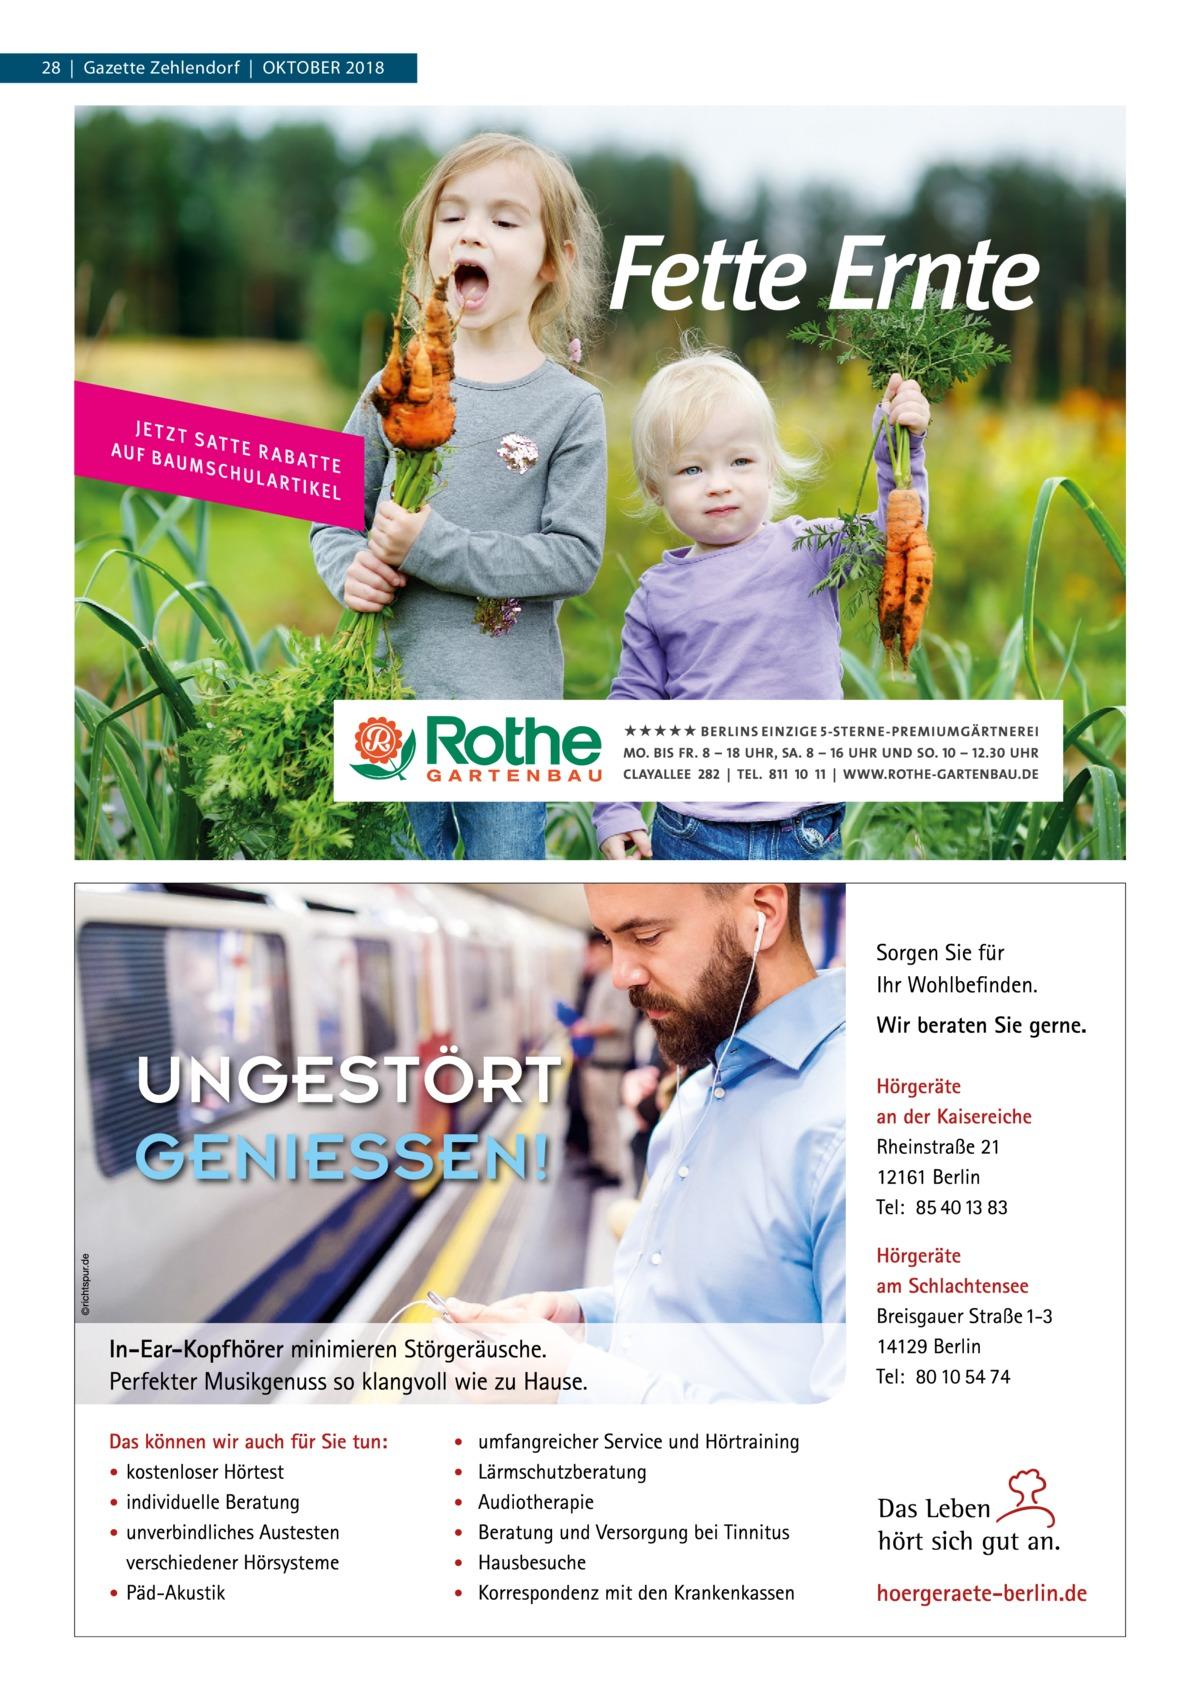 28|Gazette Zehlendorf|Oktober 2018